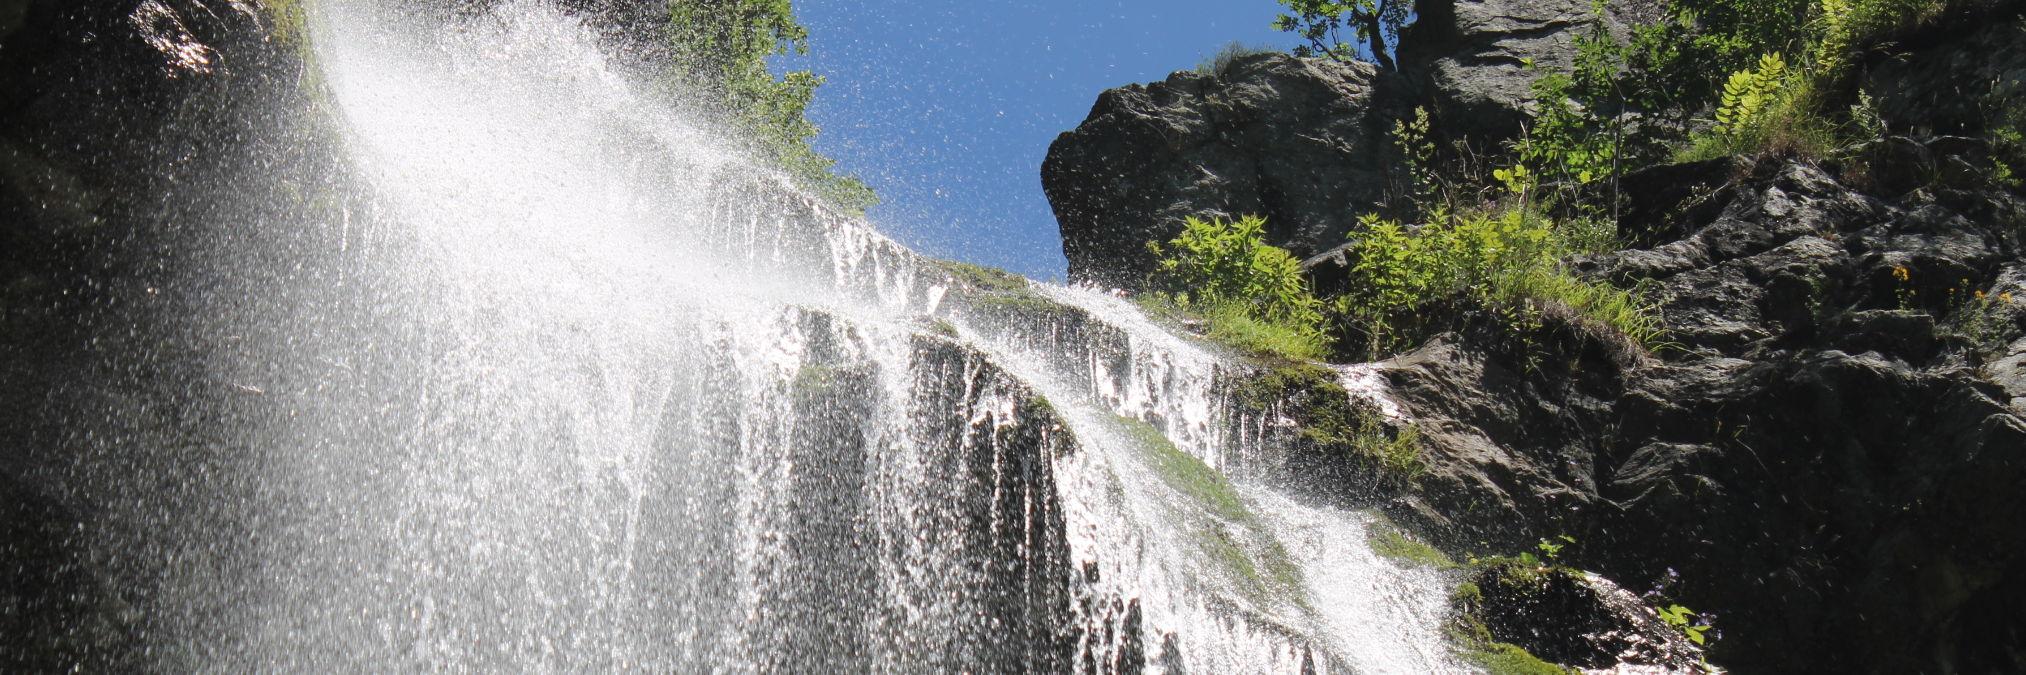 Ждримачский водопад